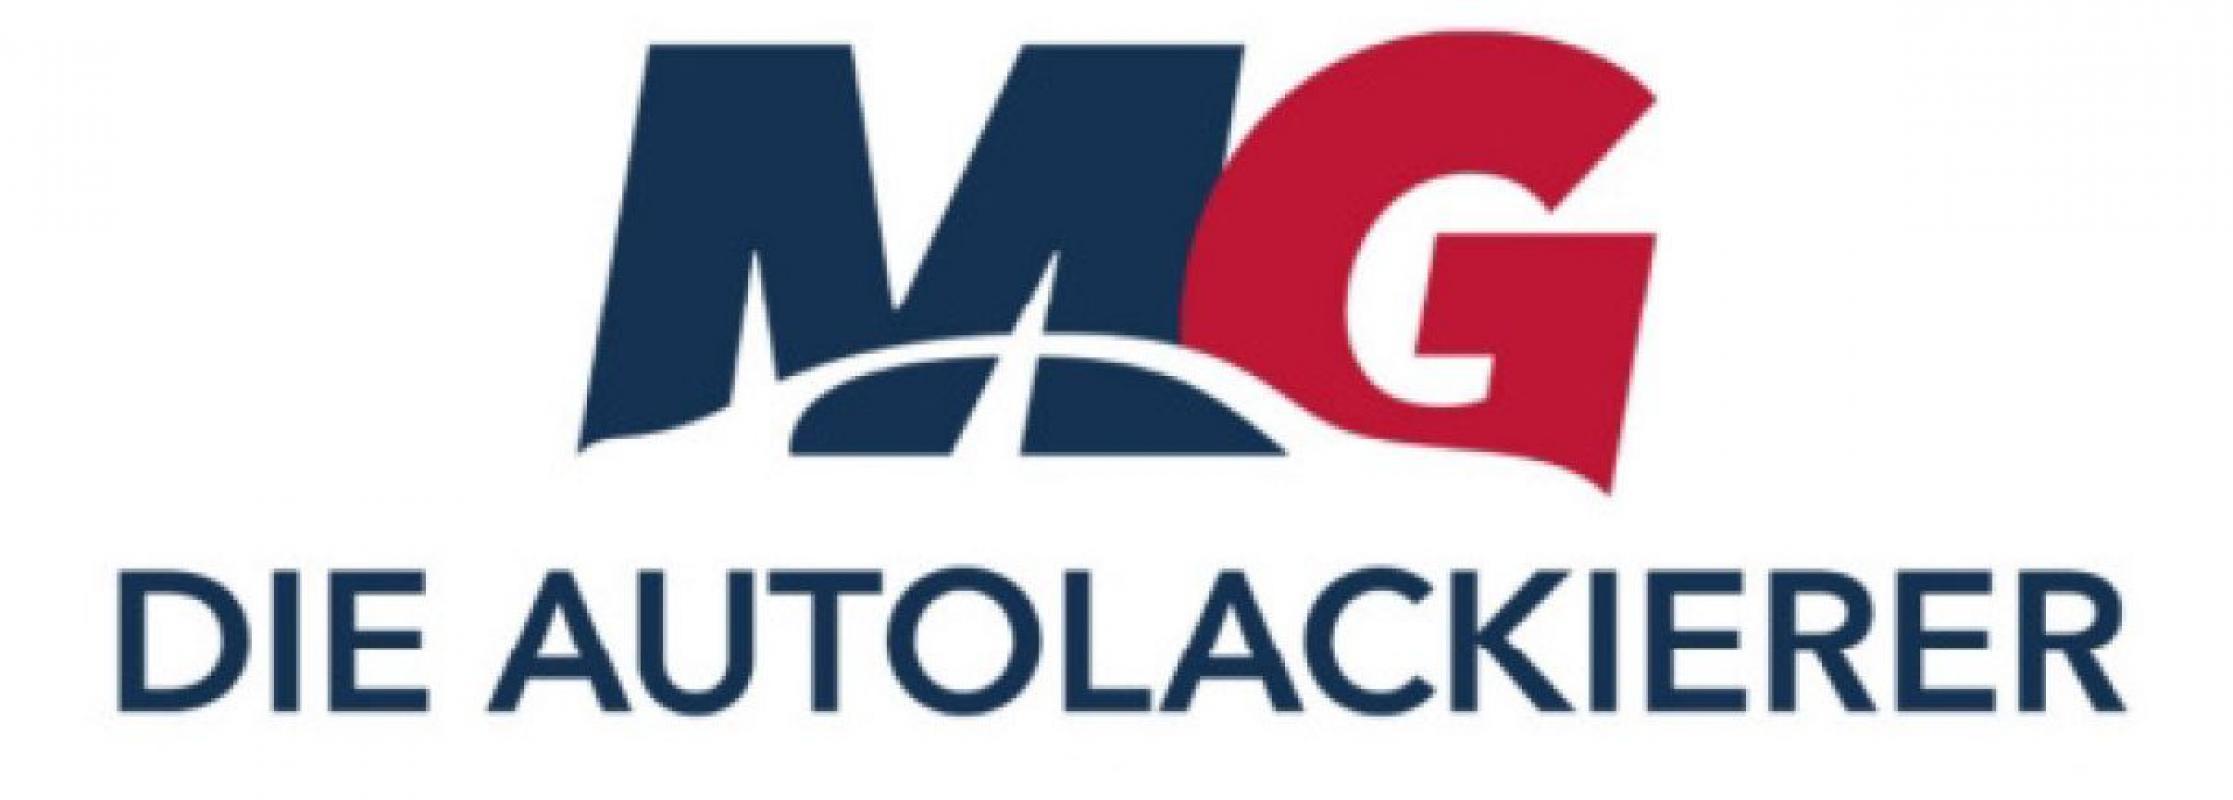 MG Autolackierer GmbH